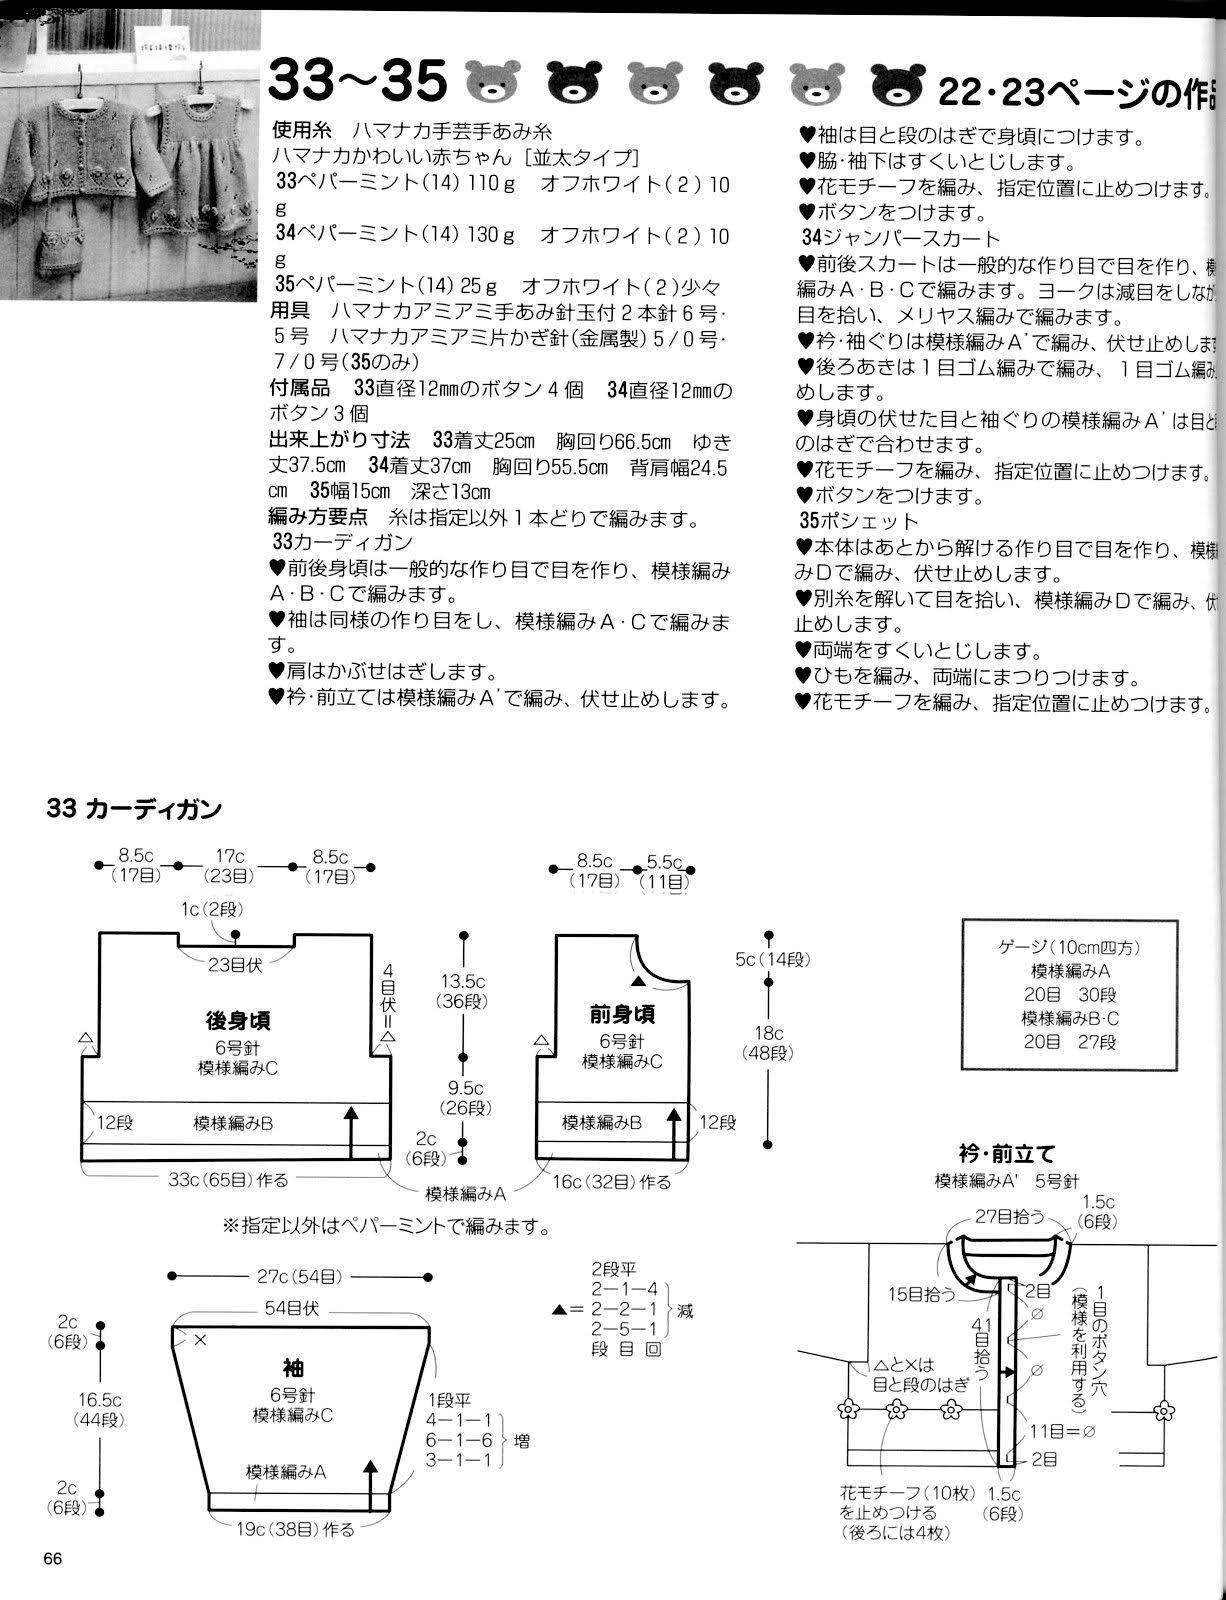 Traduccion de patron en chino o japones 2ajw611